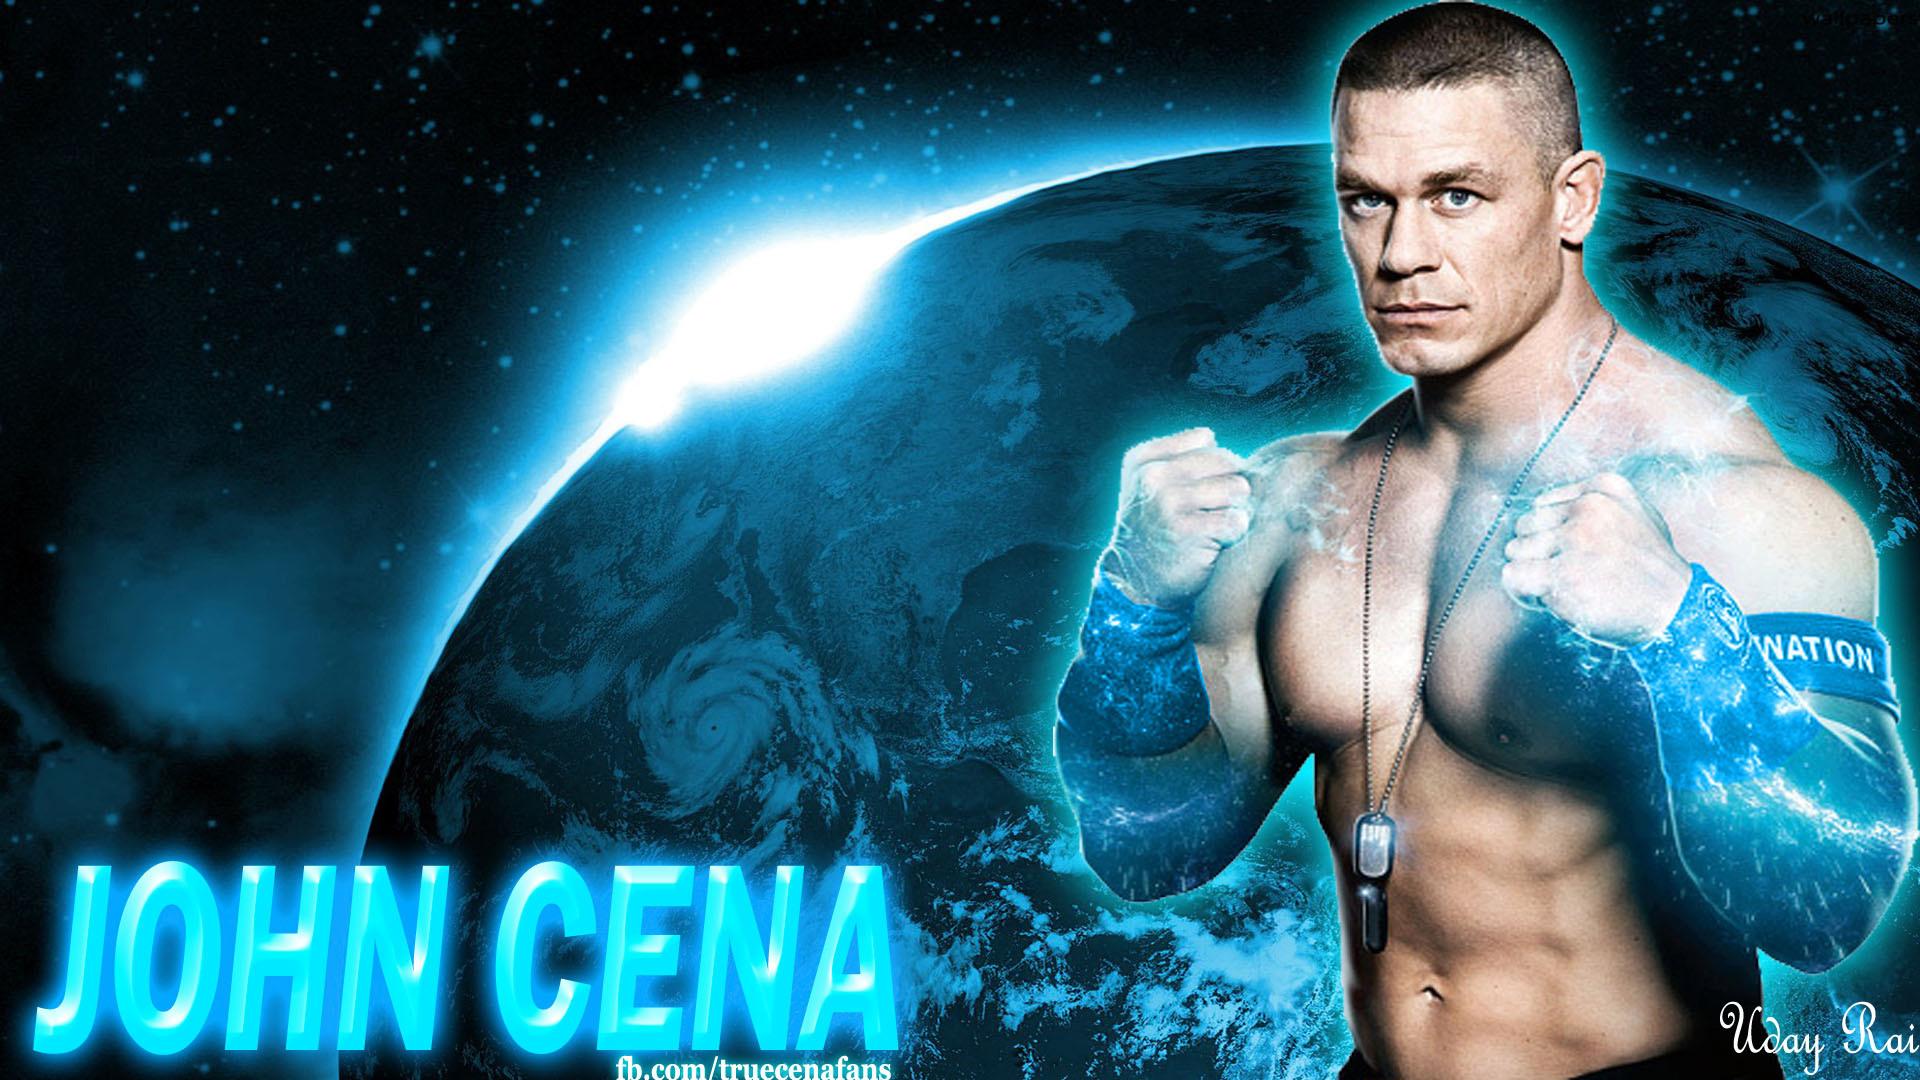 John Cena Full HD